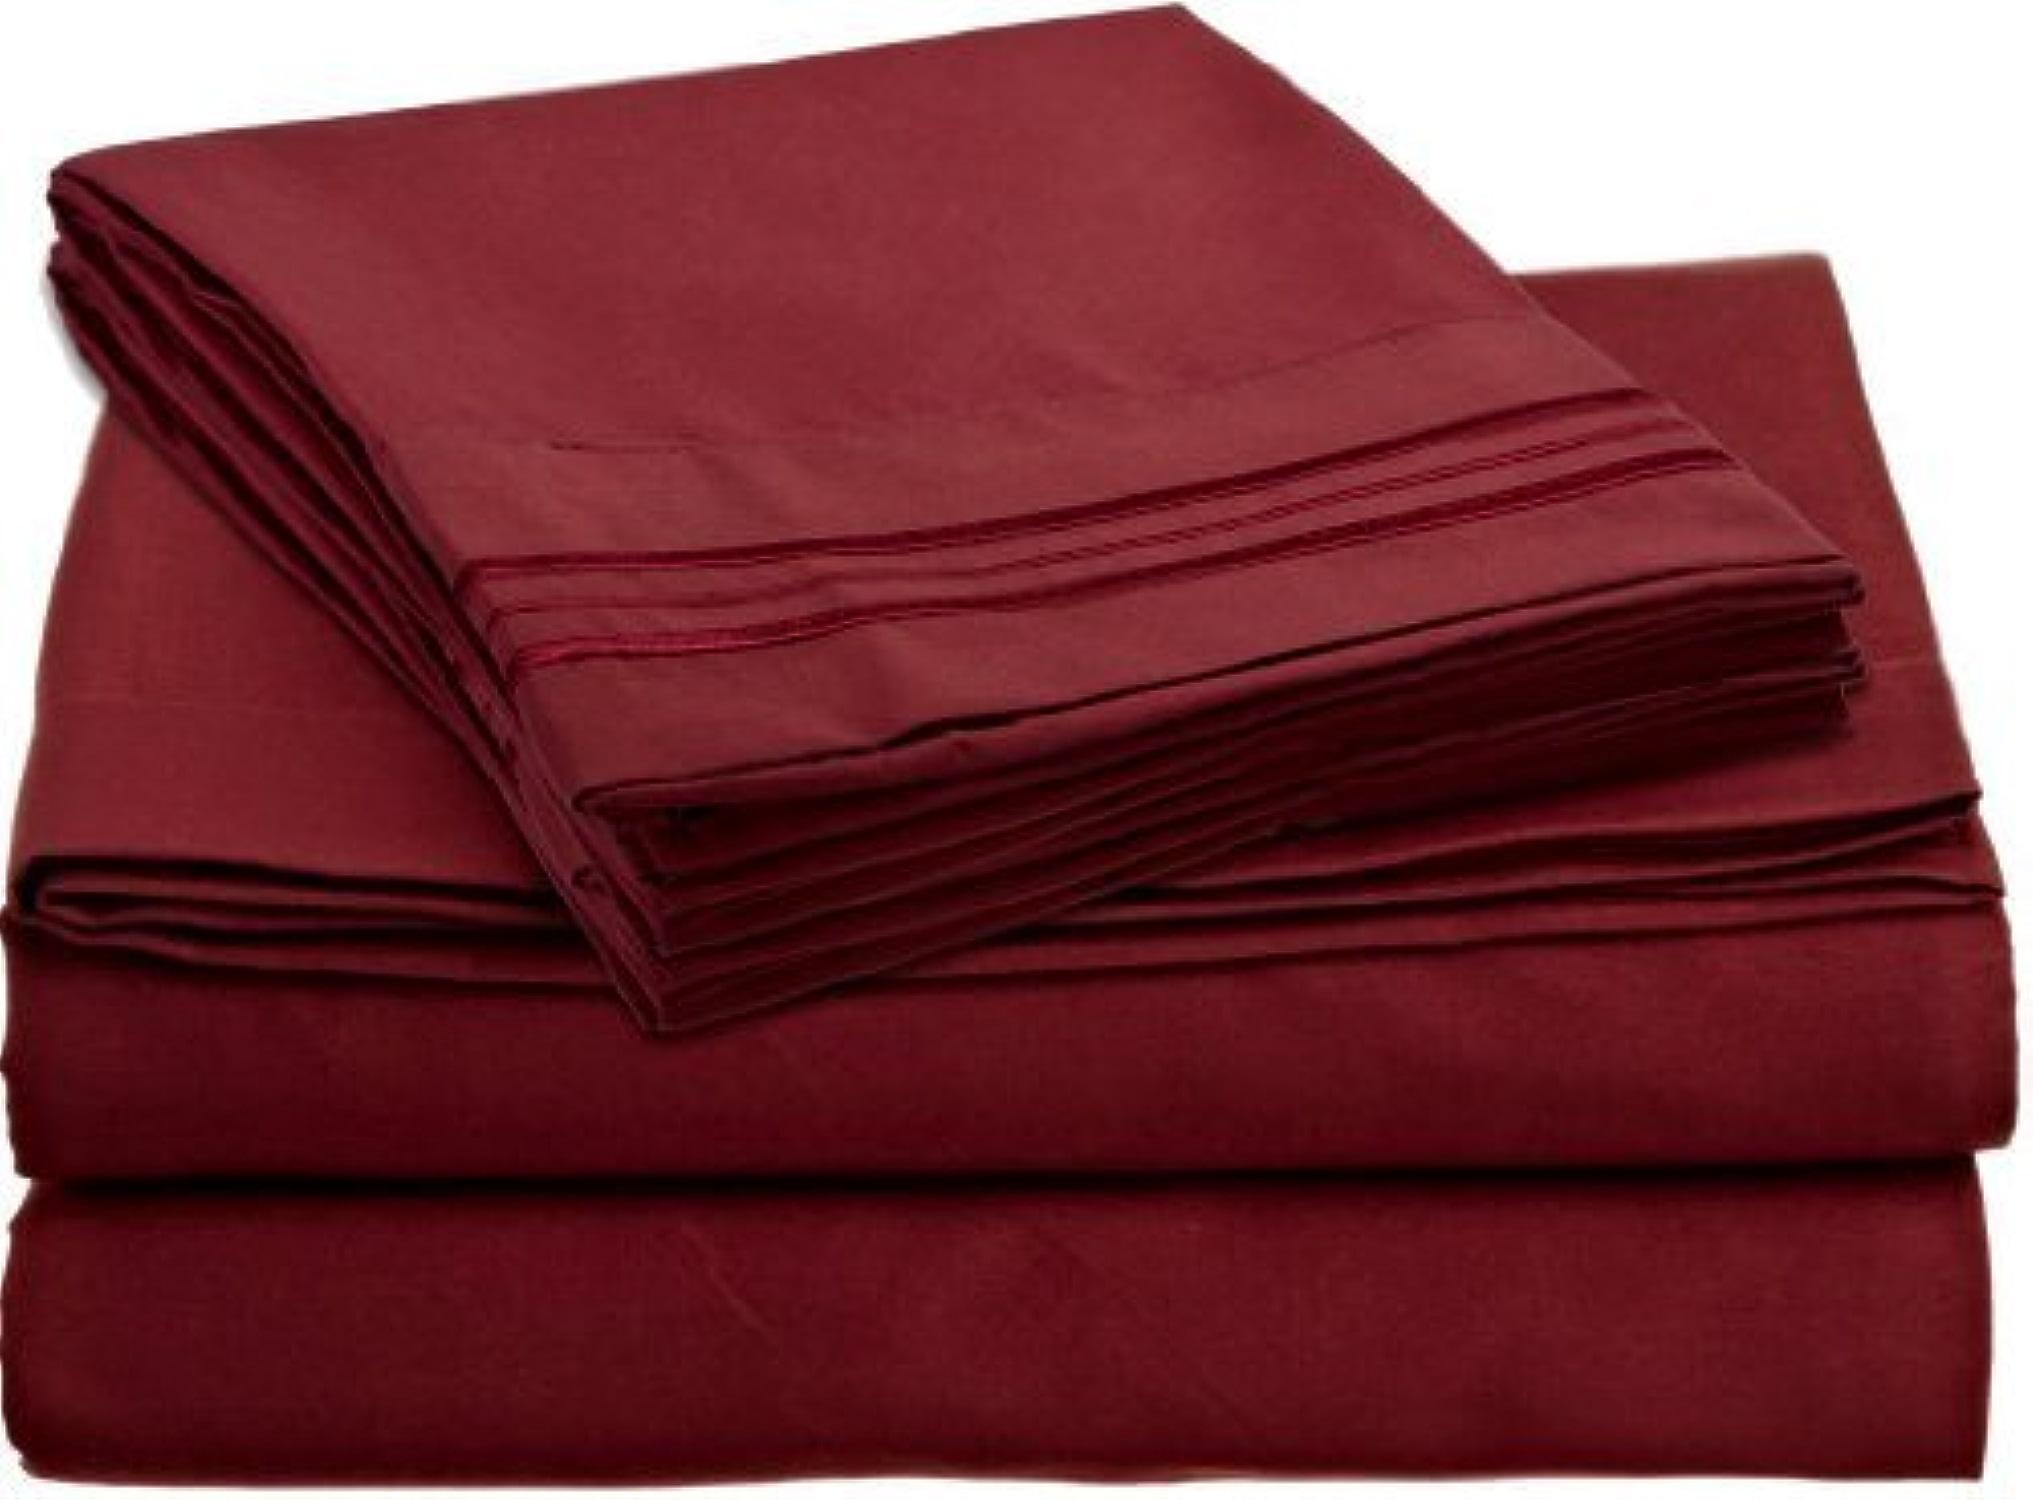 Dreamz Bedding Simple Ply- 400Fils en Coton égypcravaten de lit 53,3cm Poche Profonde suppléHommestaire Euro King, Bordeaux Rouge Solide, 400Fils Parure de lit de 100% Coton